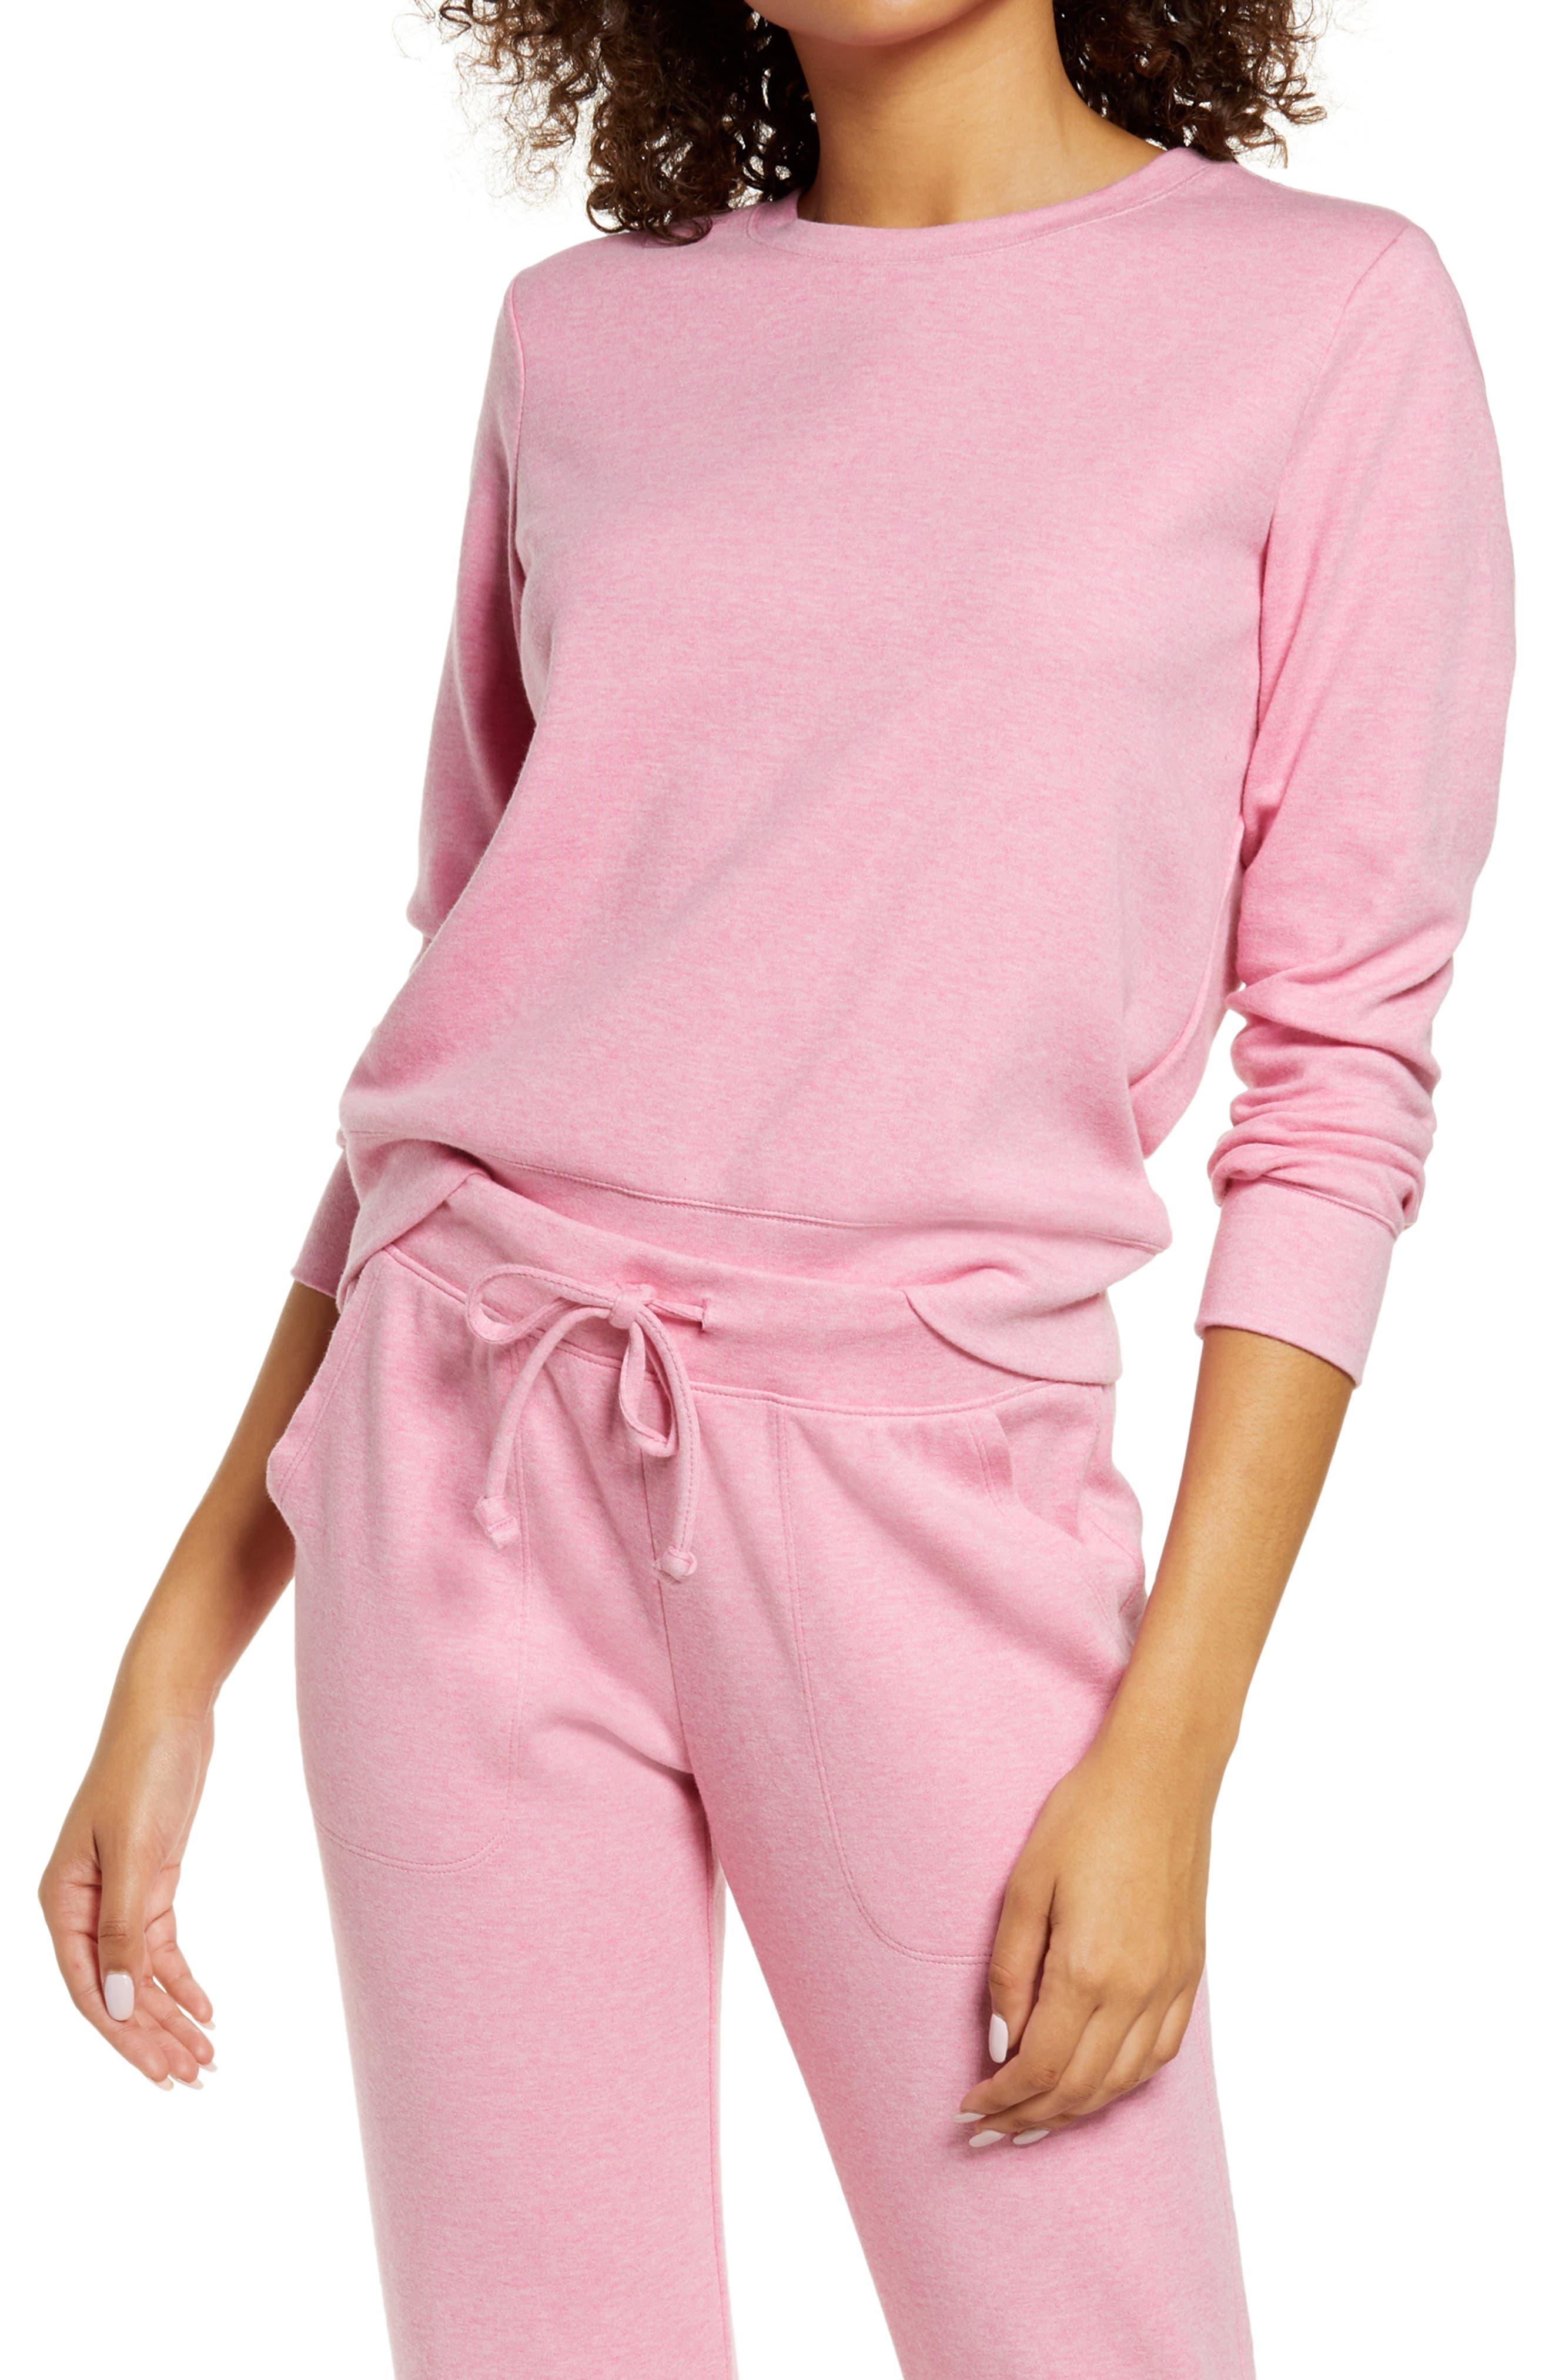 Cotton Blend Interlock Sweatshirt